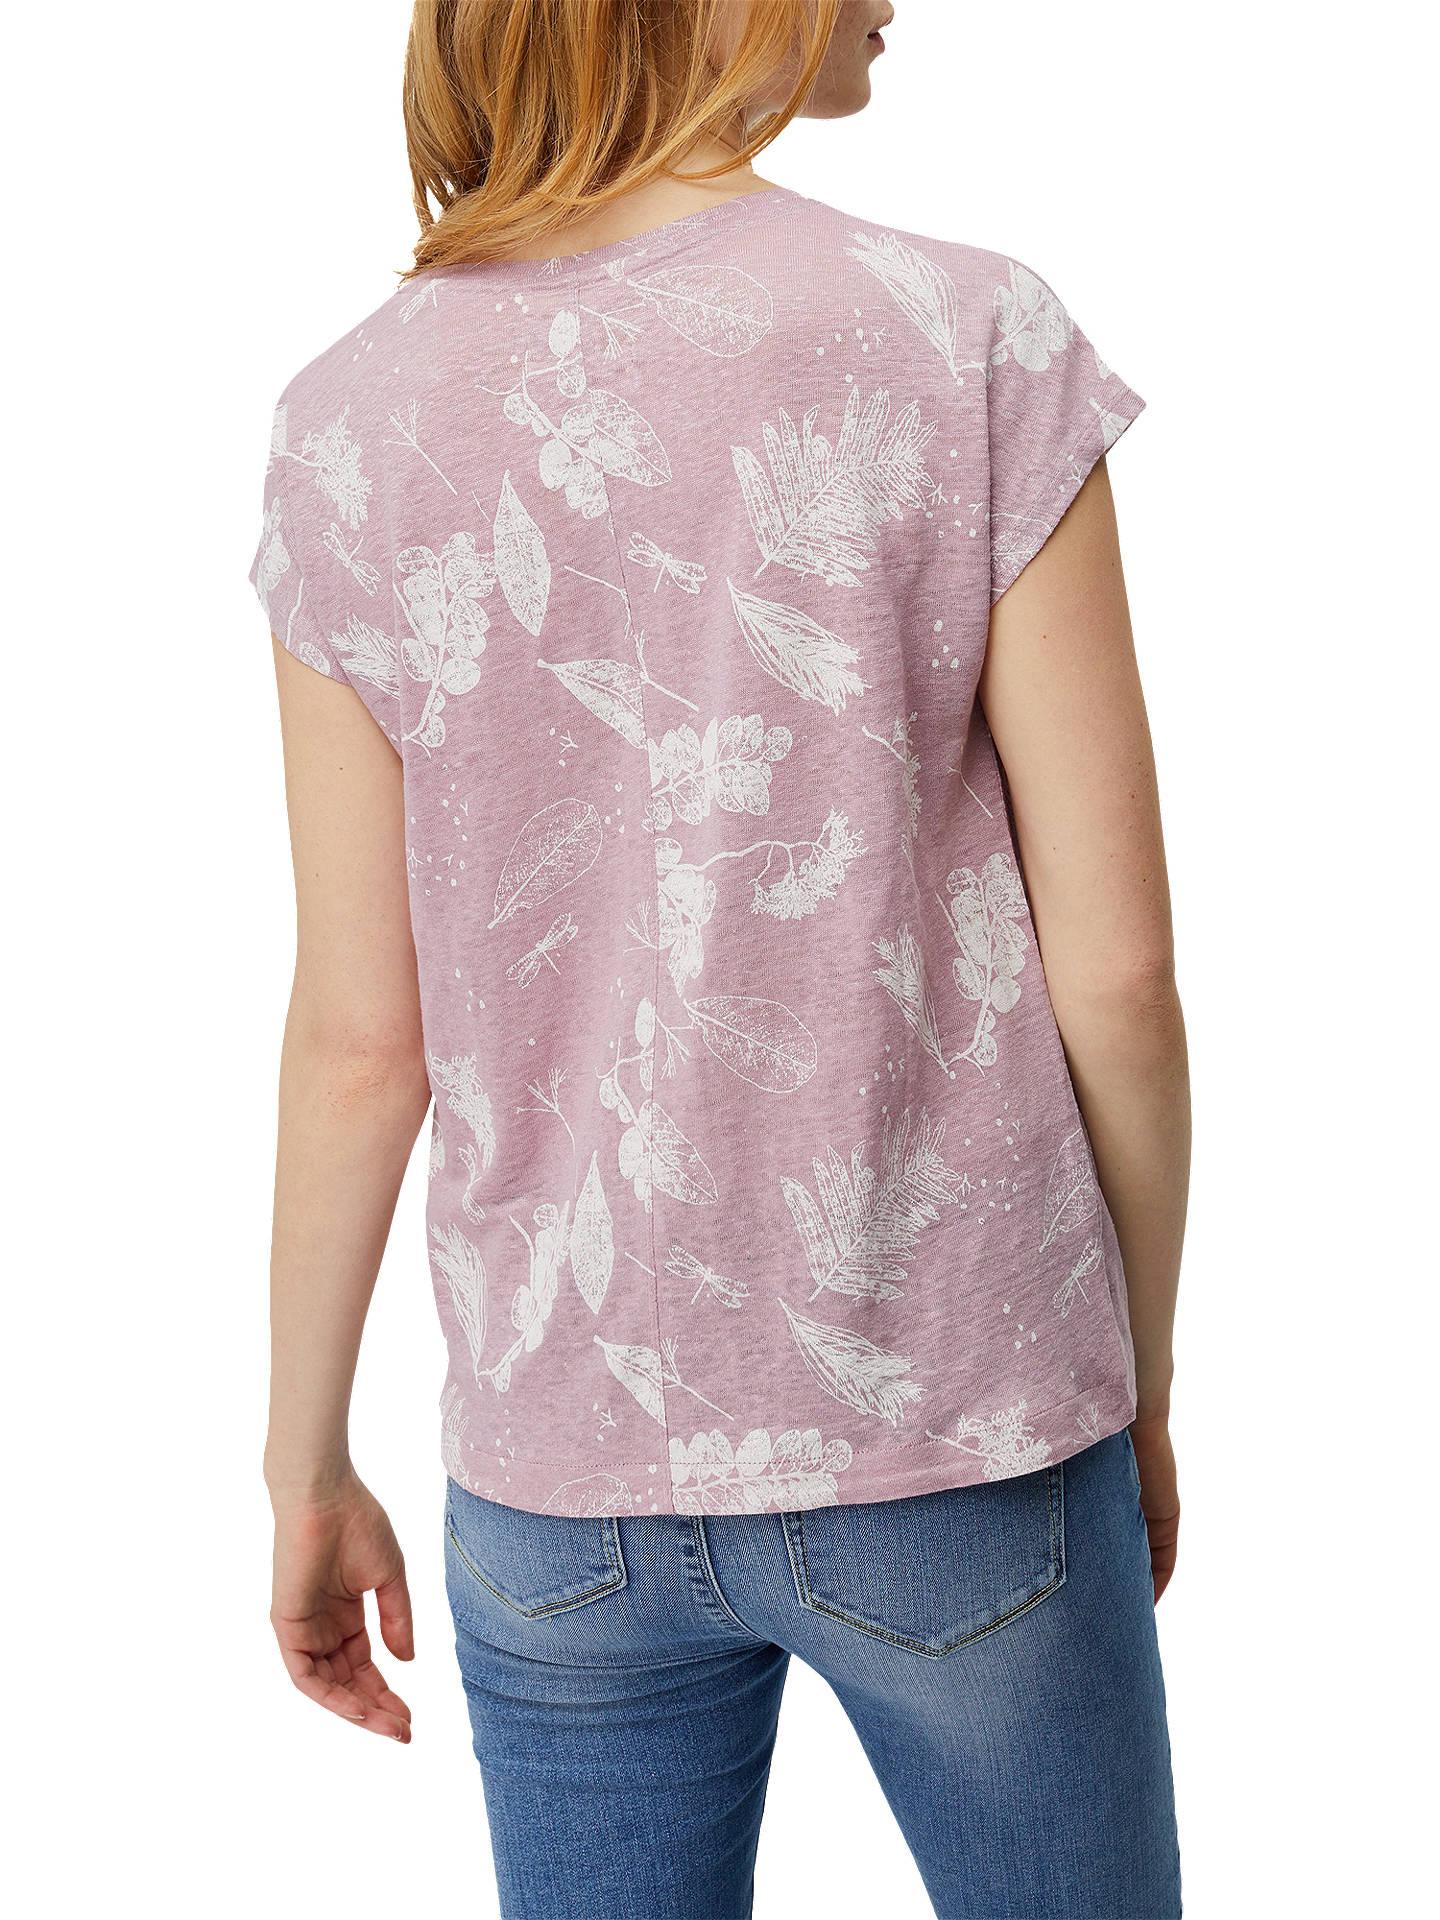 cb3bfb79a29 ... Buy White Stuff Summer Print Highline Linen Jersey T-Shirt